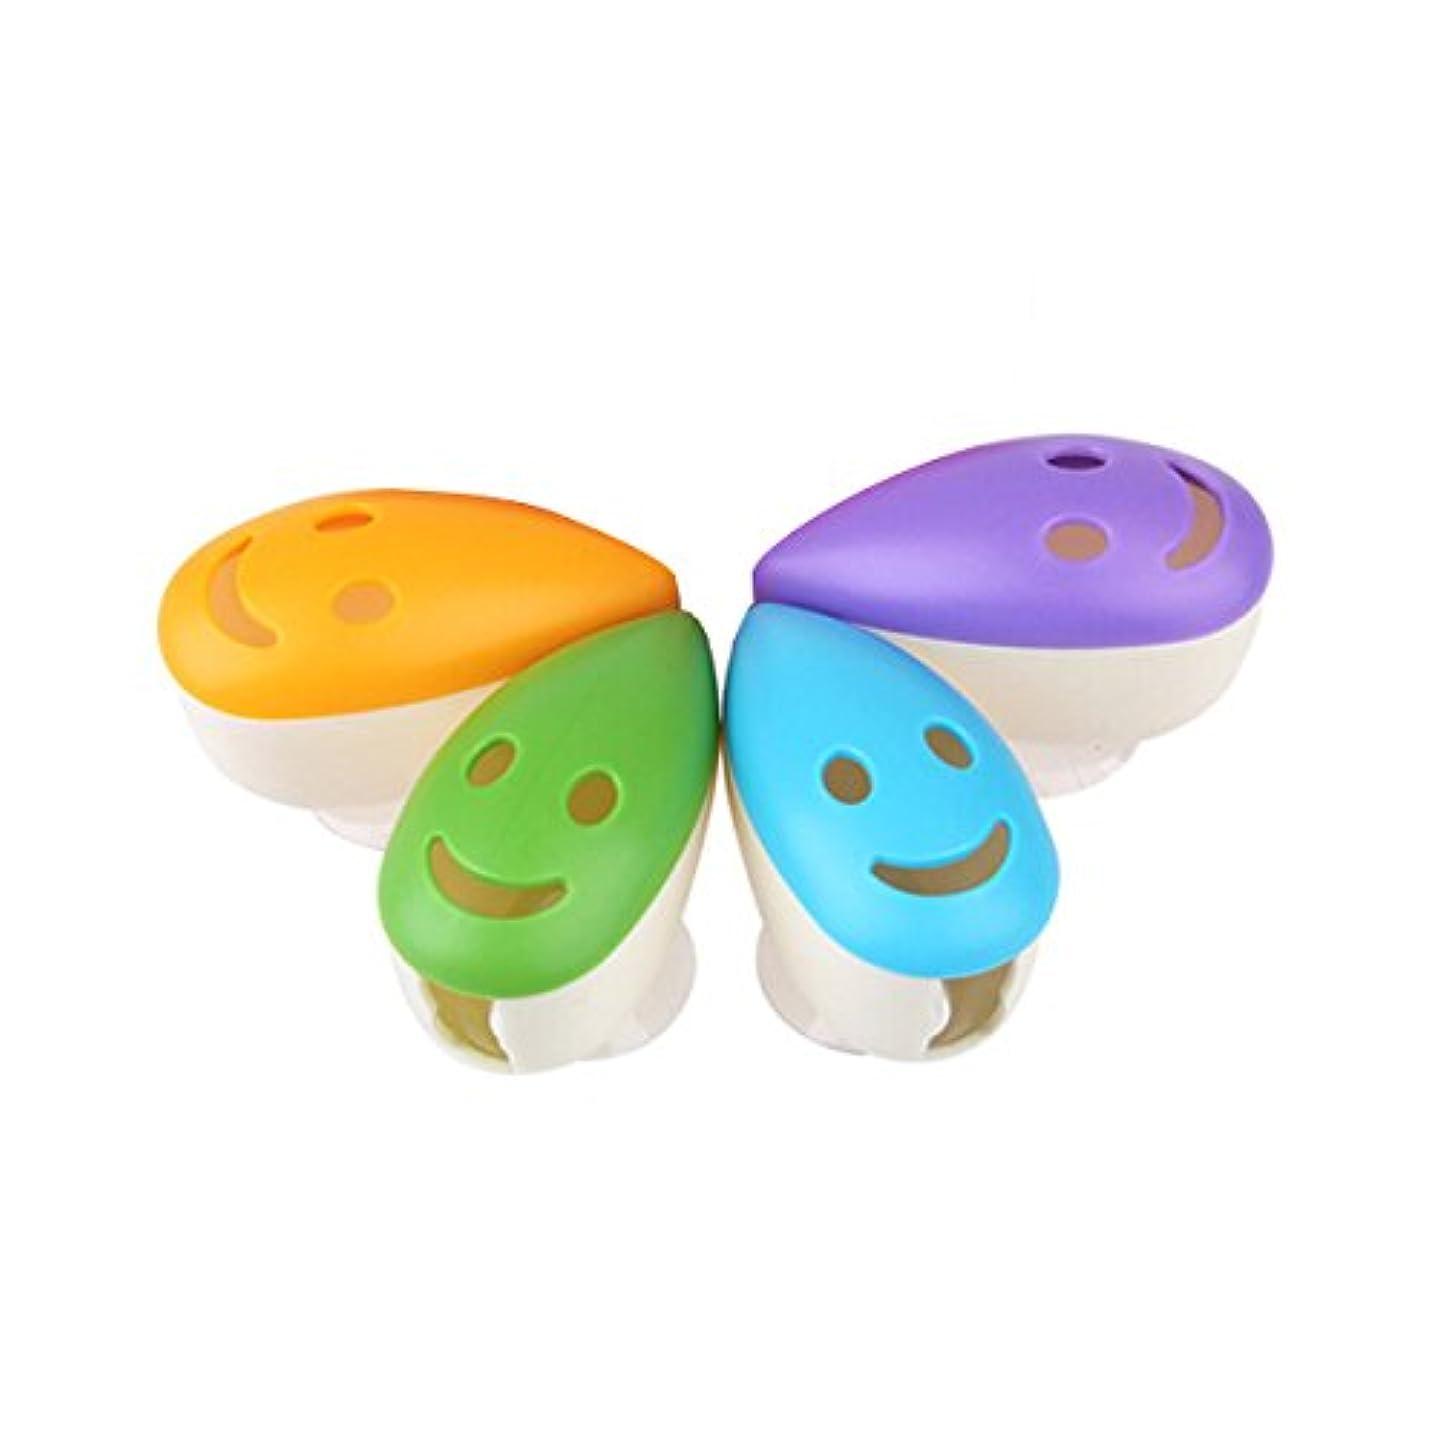 放散する利点同種のROSENICE スマイルフェイス抗菌歯ブラシヘッドホルダーサクションカップ4本用